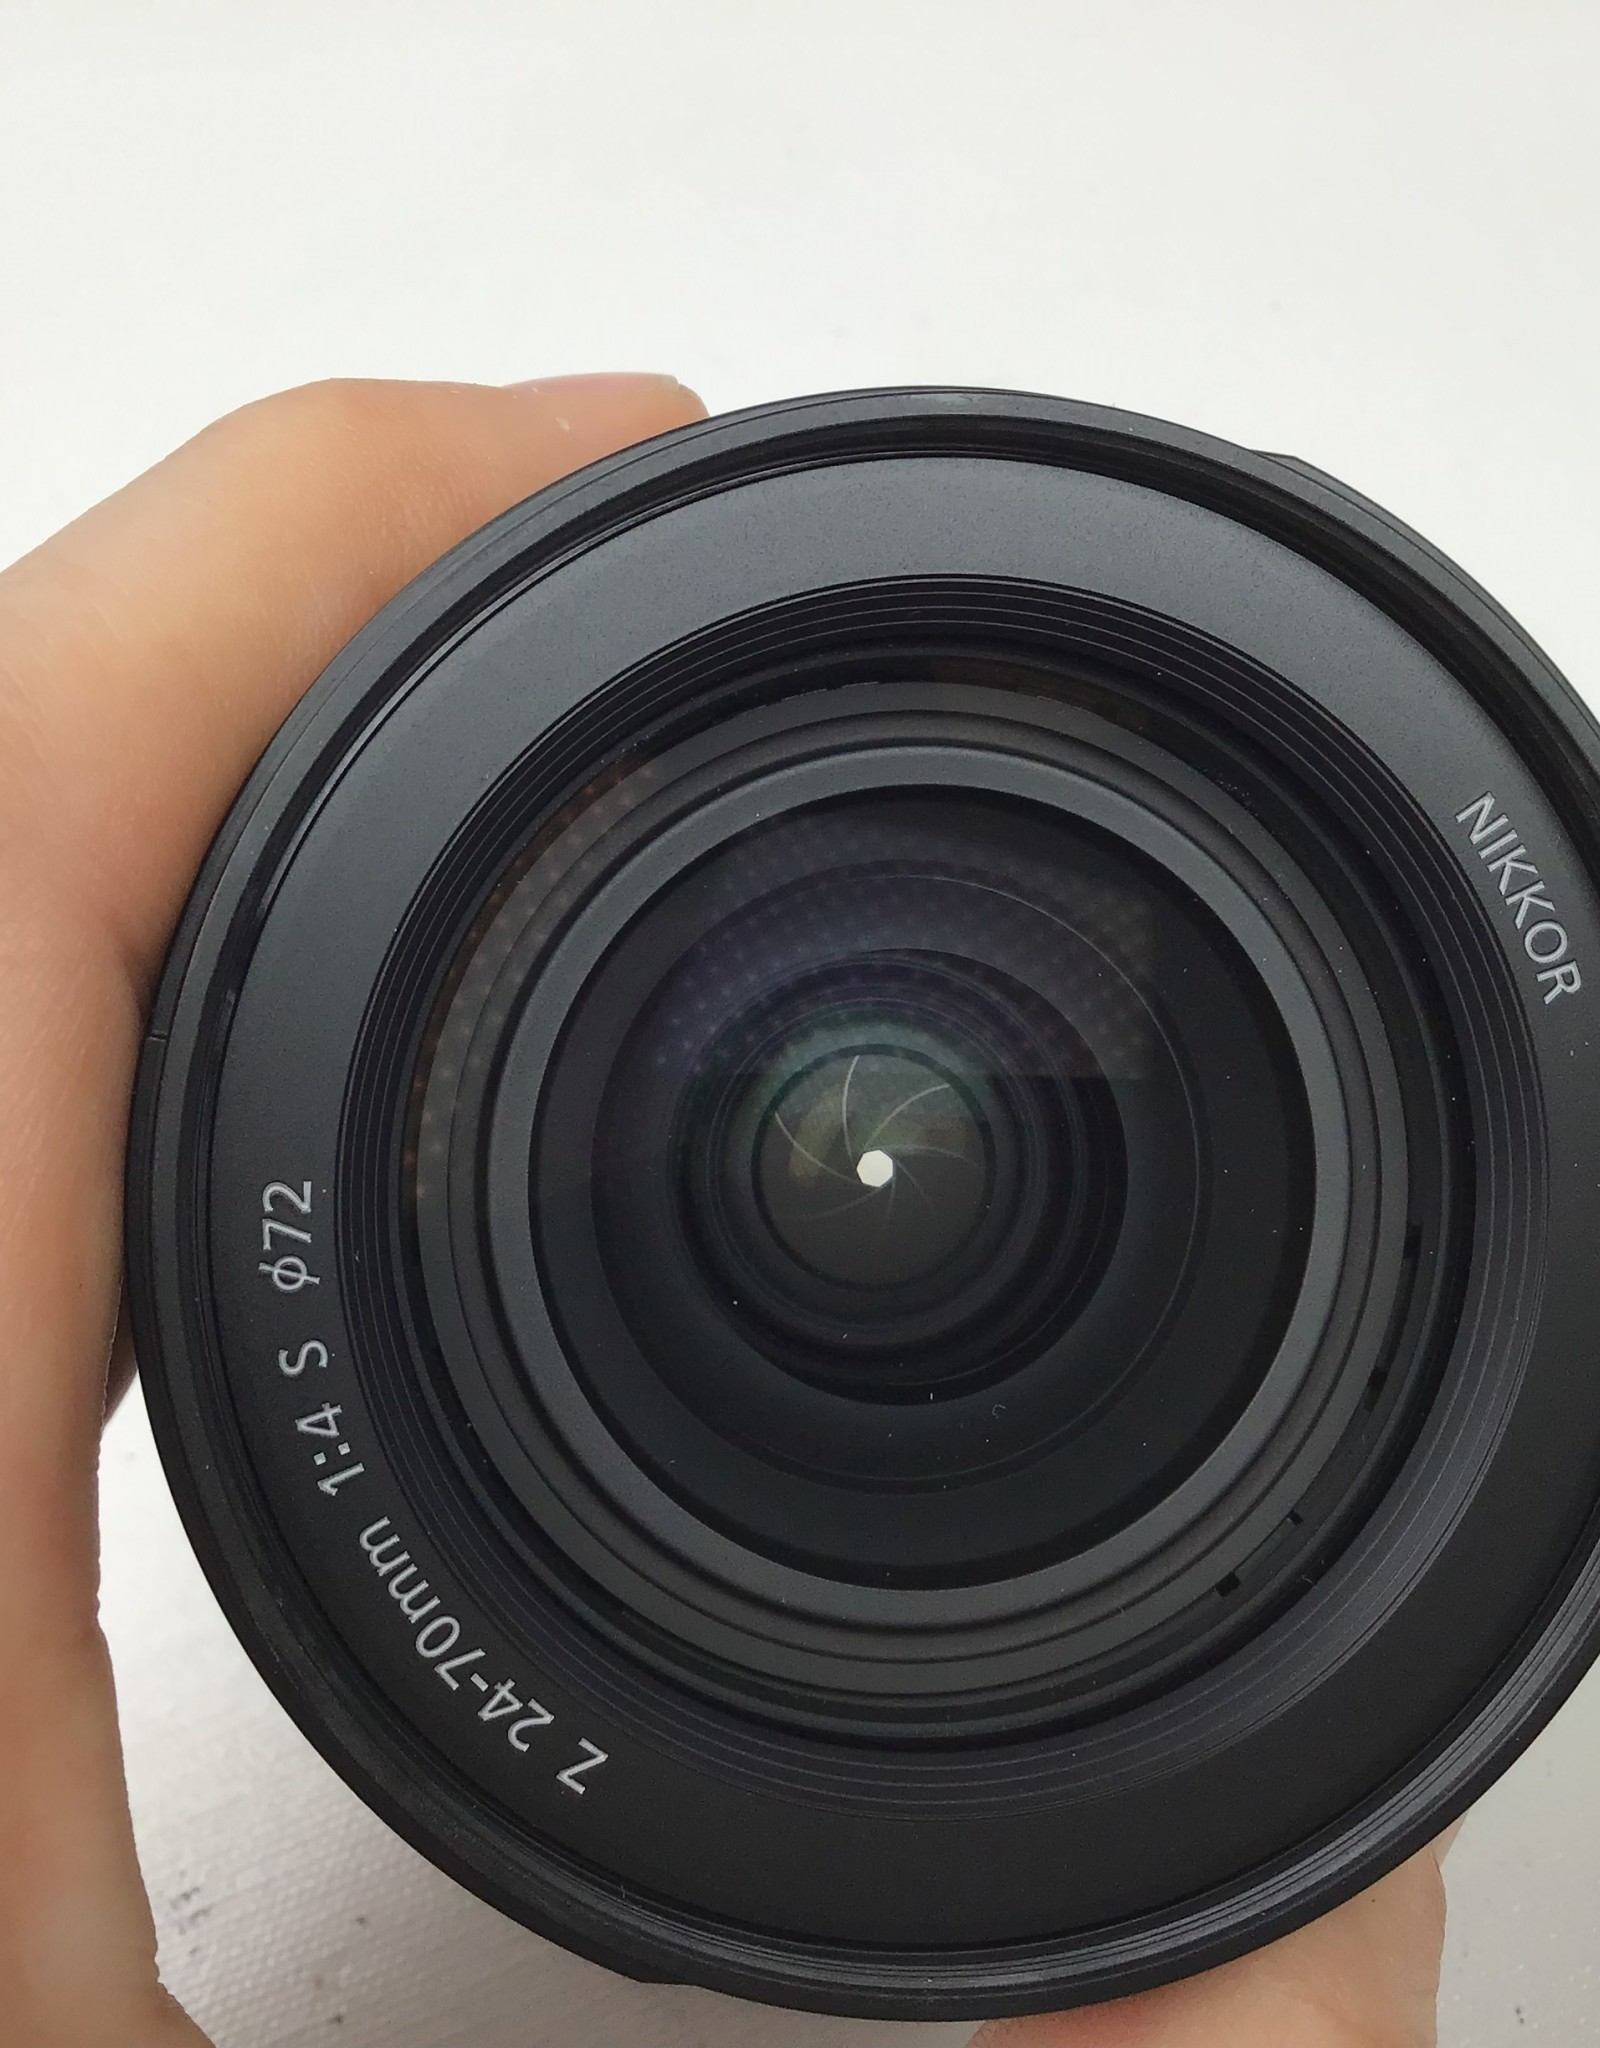 NIKON Nikon Nikkor Z 24-70mm f4 S Lens Used EX